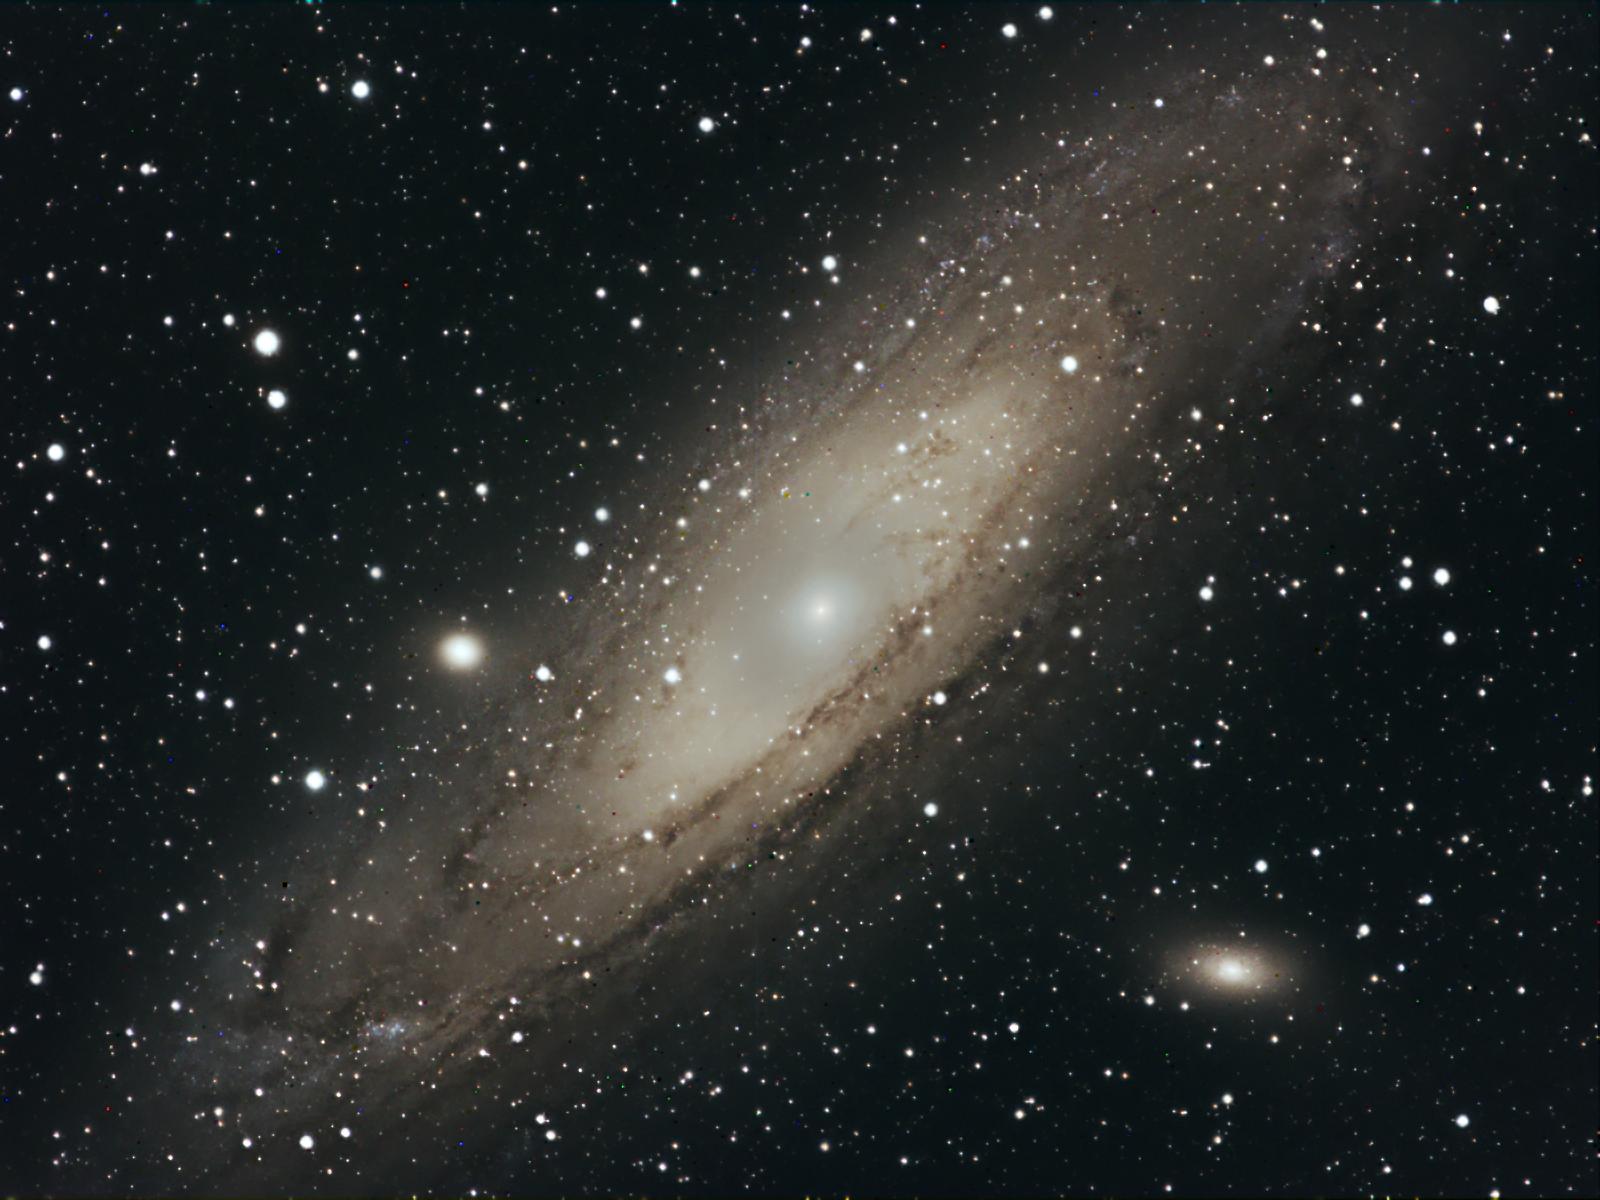 M31.png.230519a72a31ec49d0184bb5148573e2.png